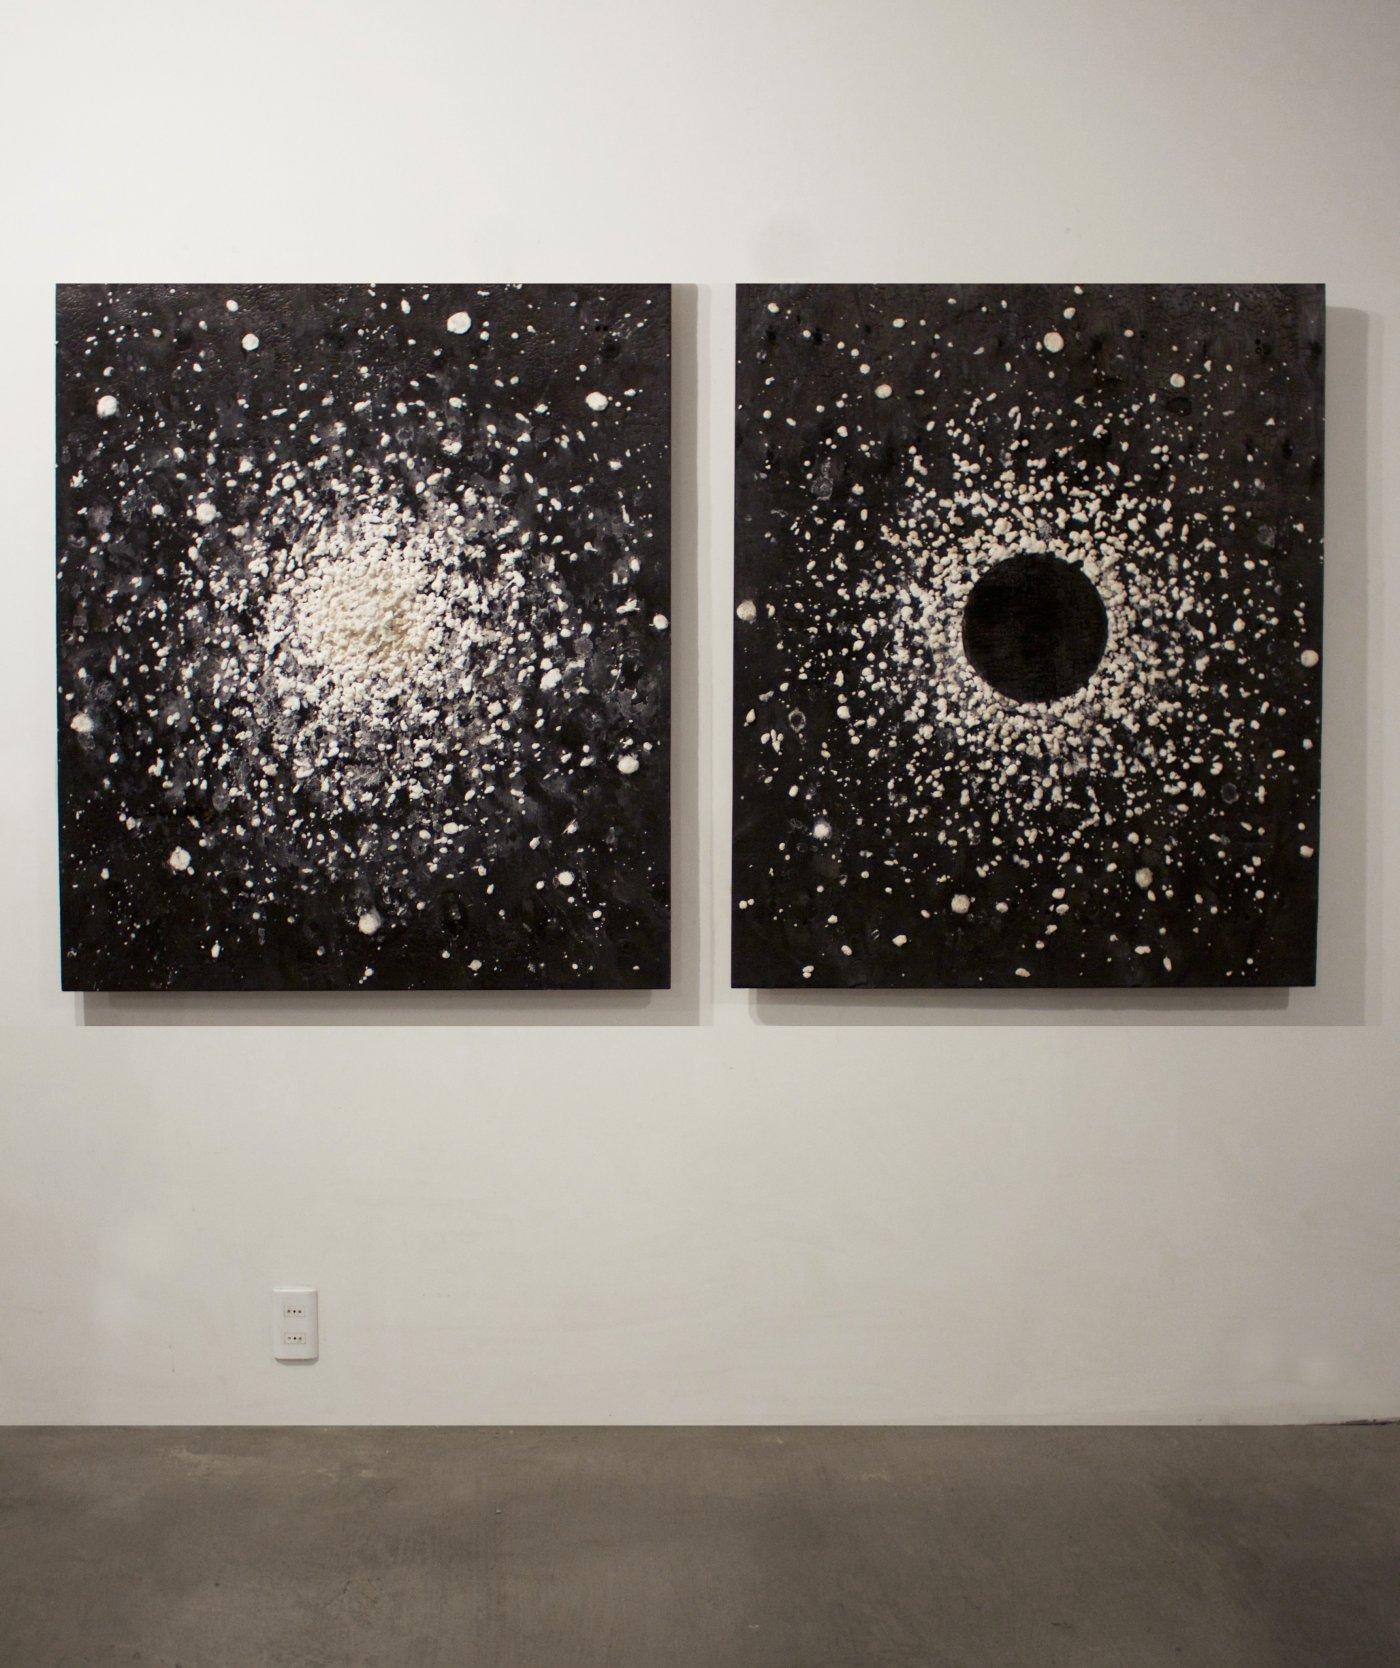 White hole / Black hole